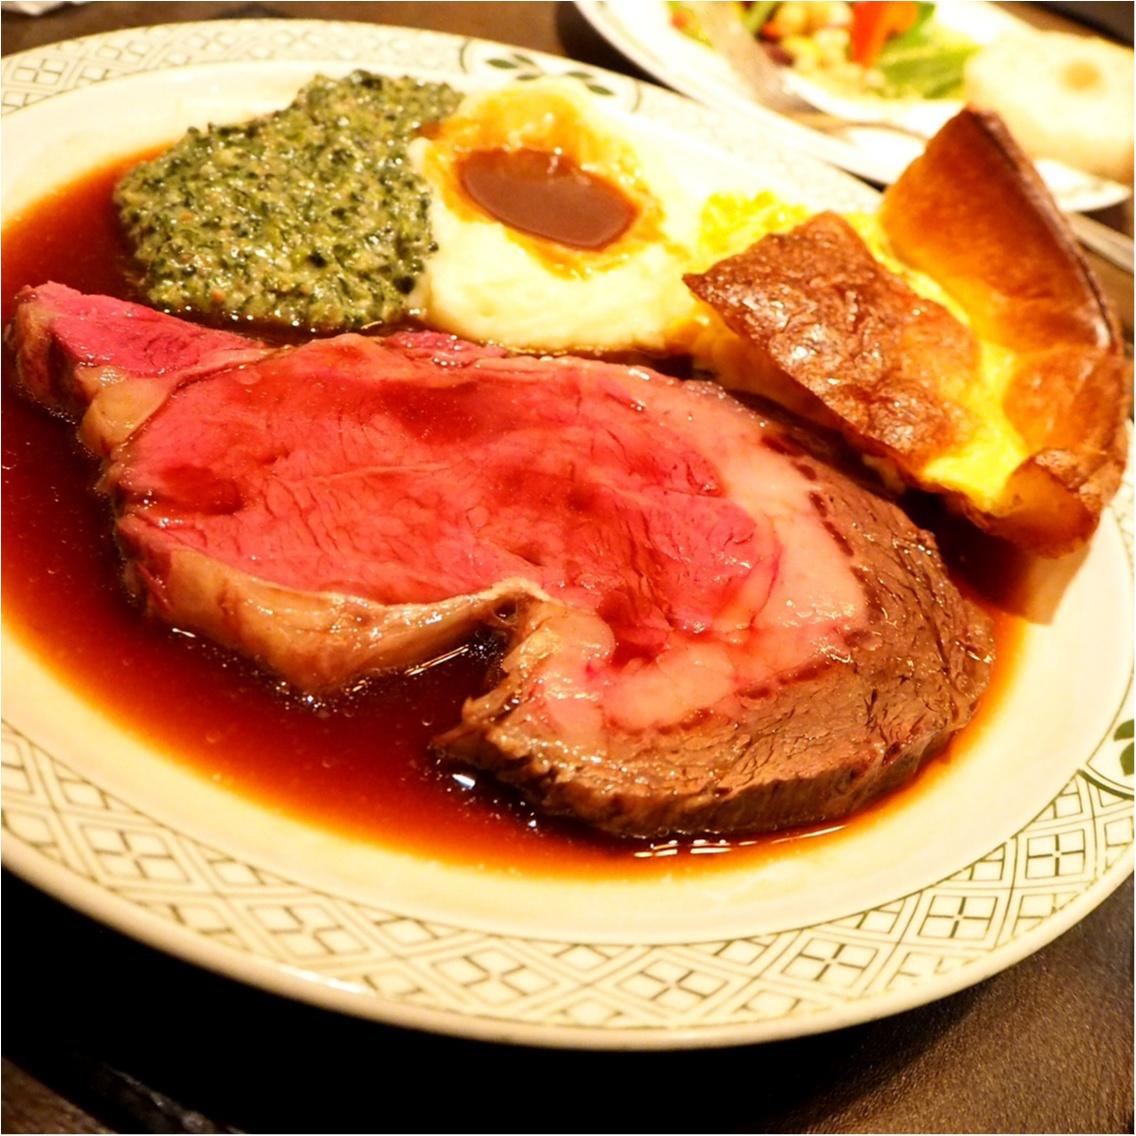 お肉大好き♡野菜大好き♡恵比寿ガーデンプレイスで素敵なランチ時間を過ごしました♪_9